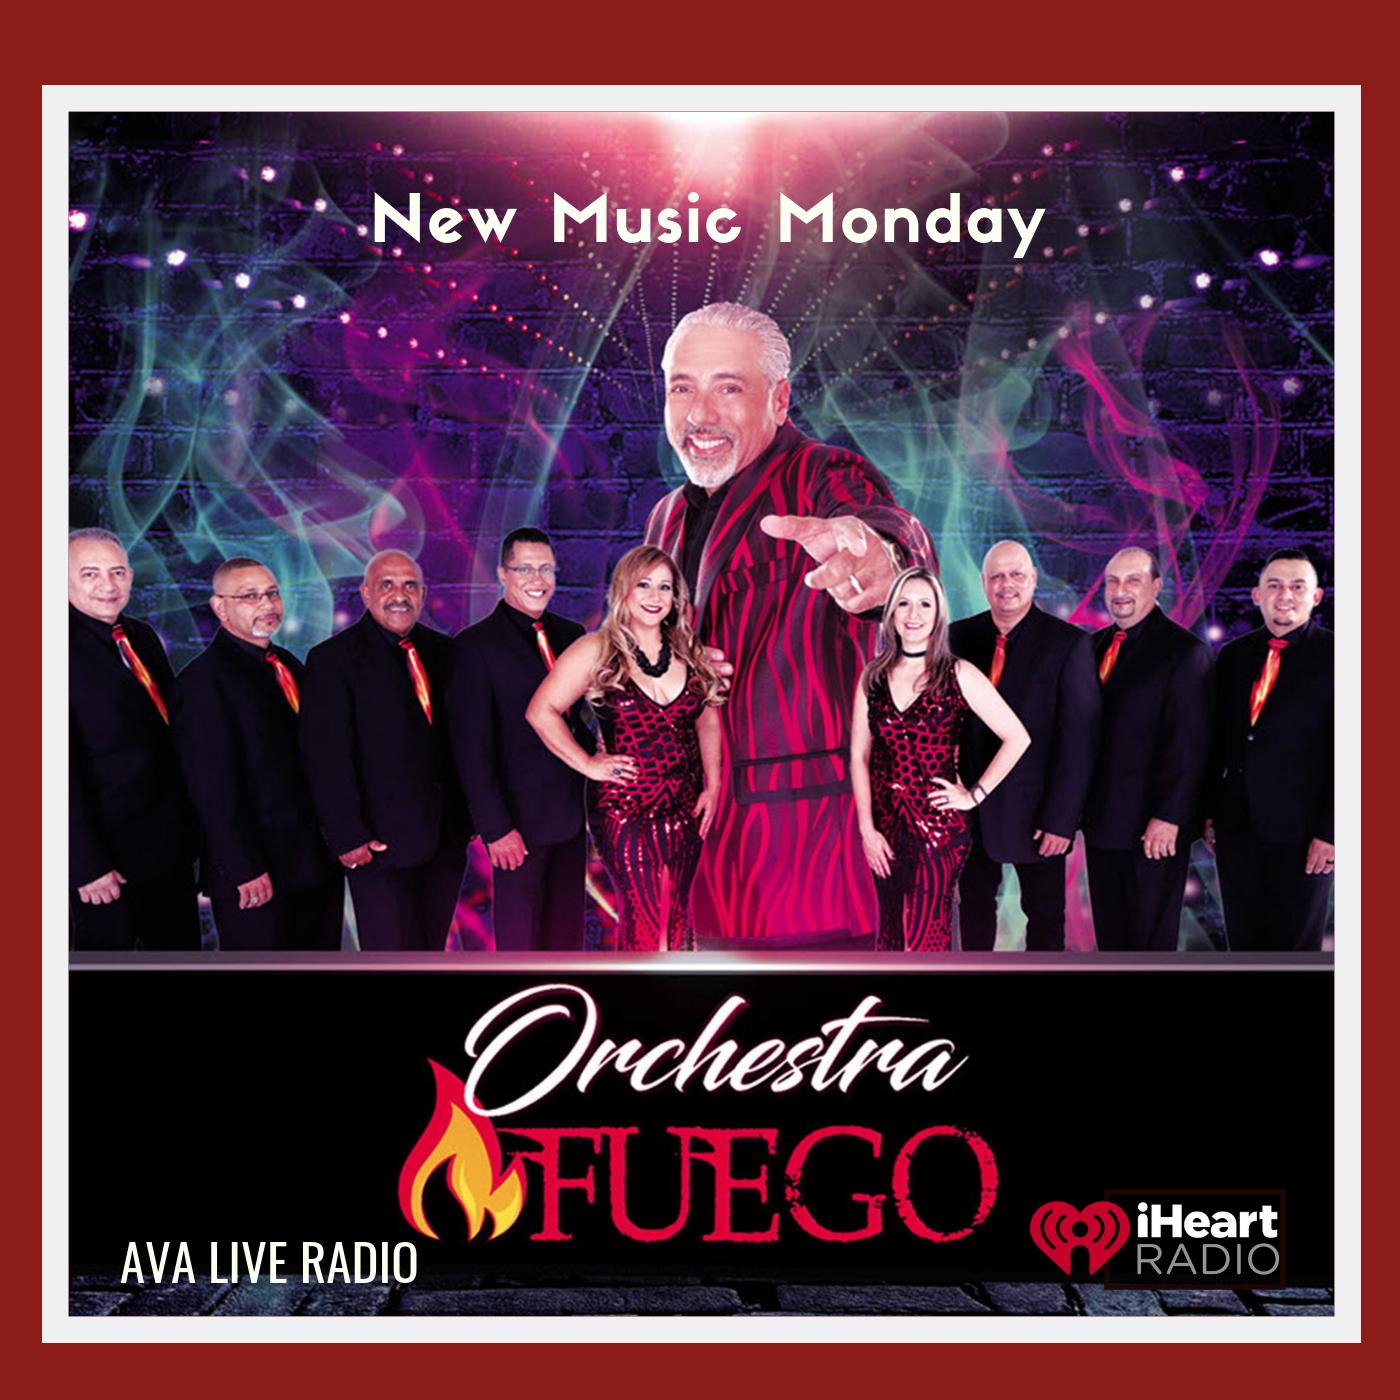 Orchestra Fuego avaliveradio .png